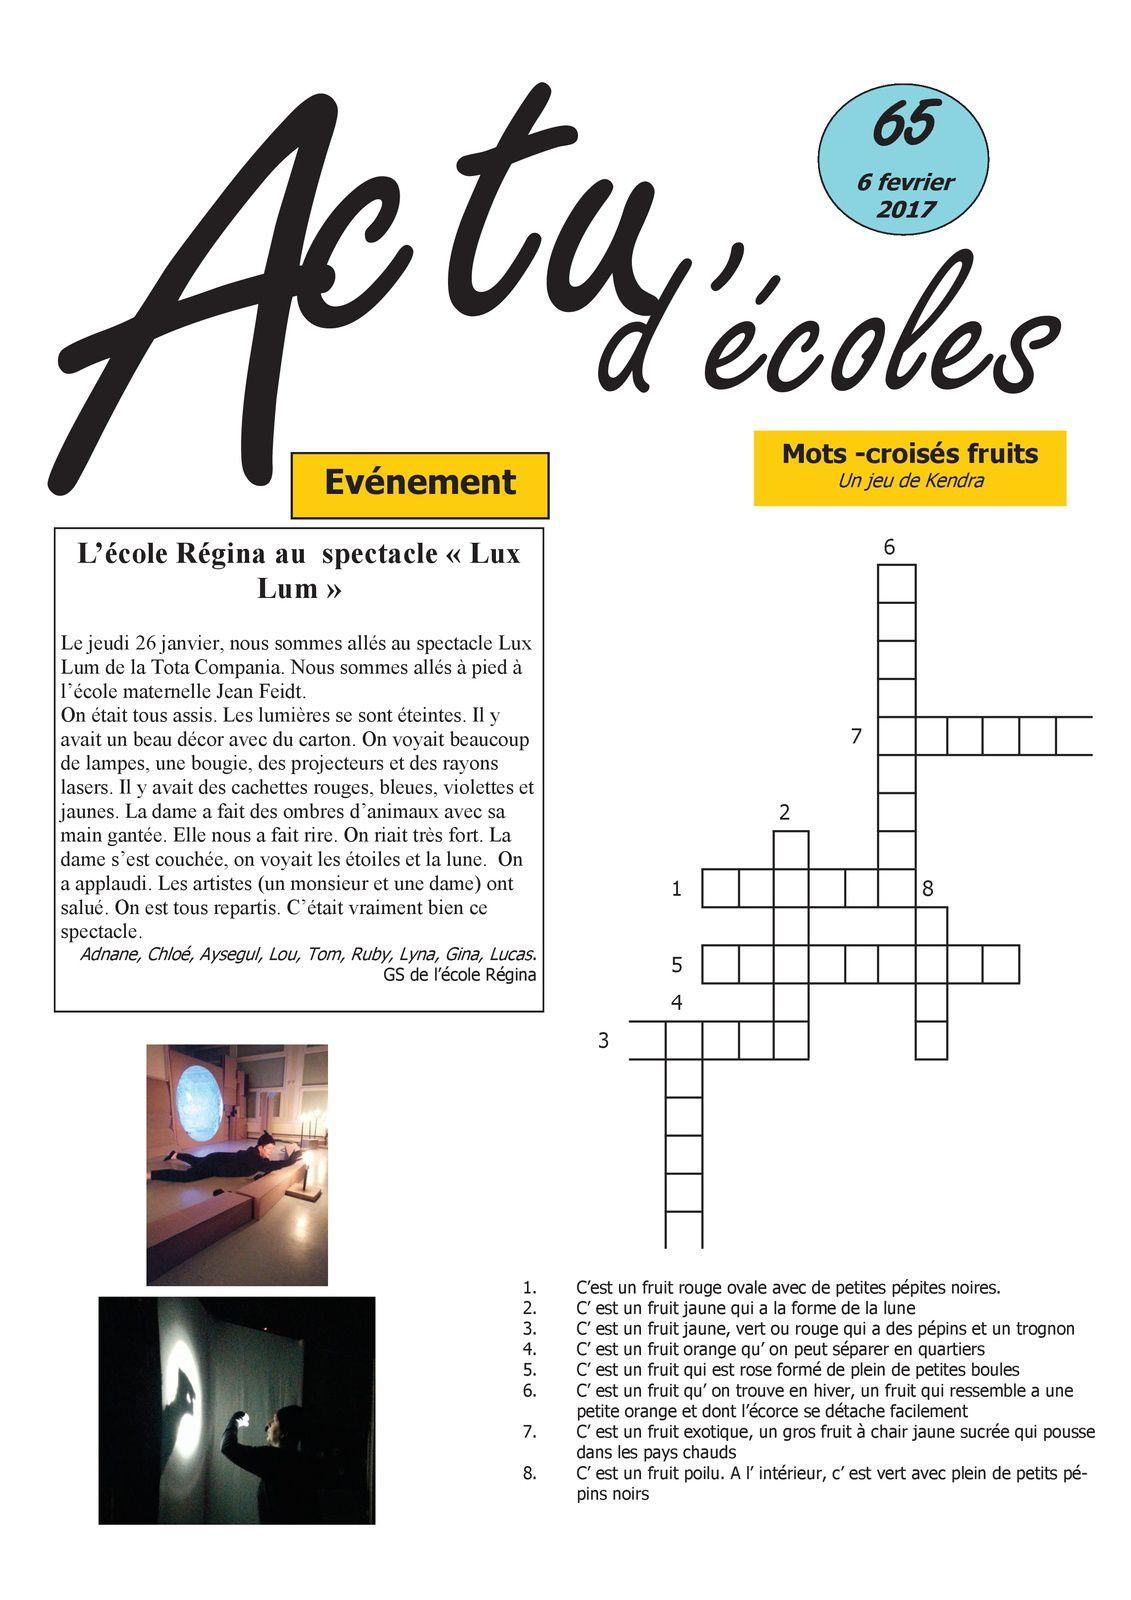 Journal Actu d'écoles n°65